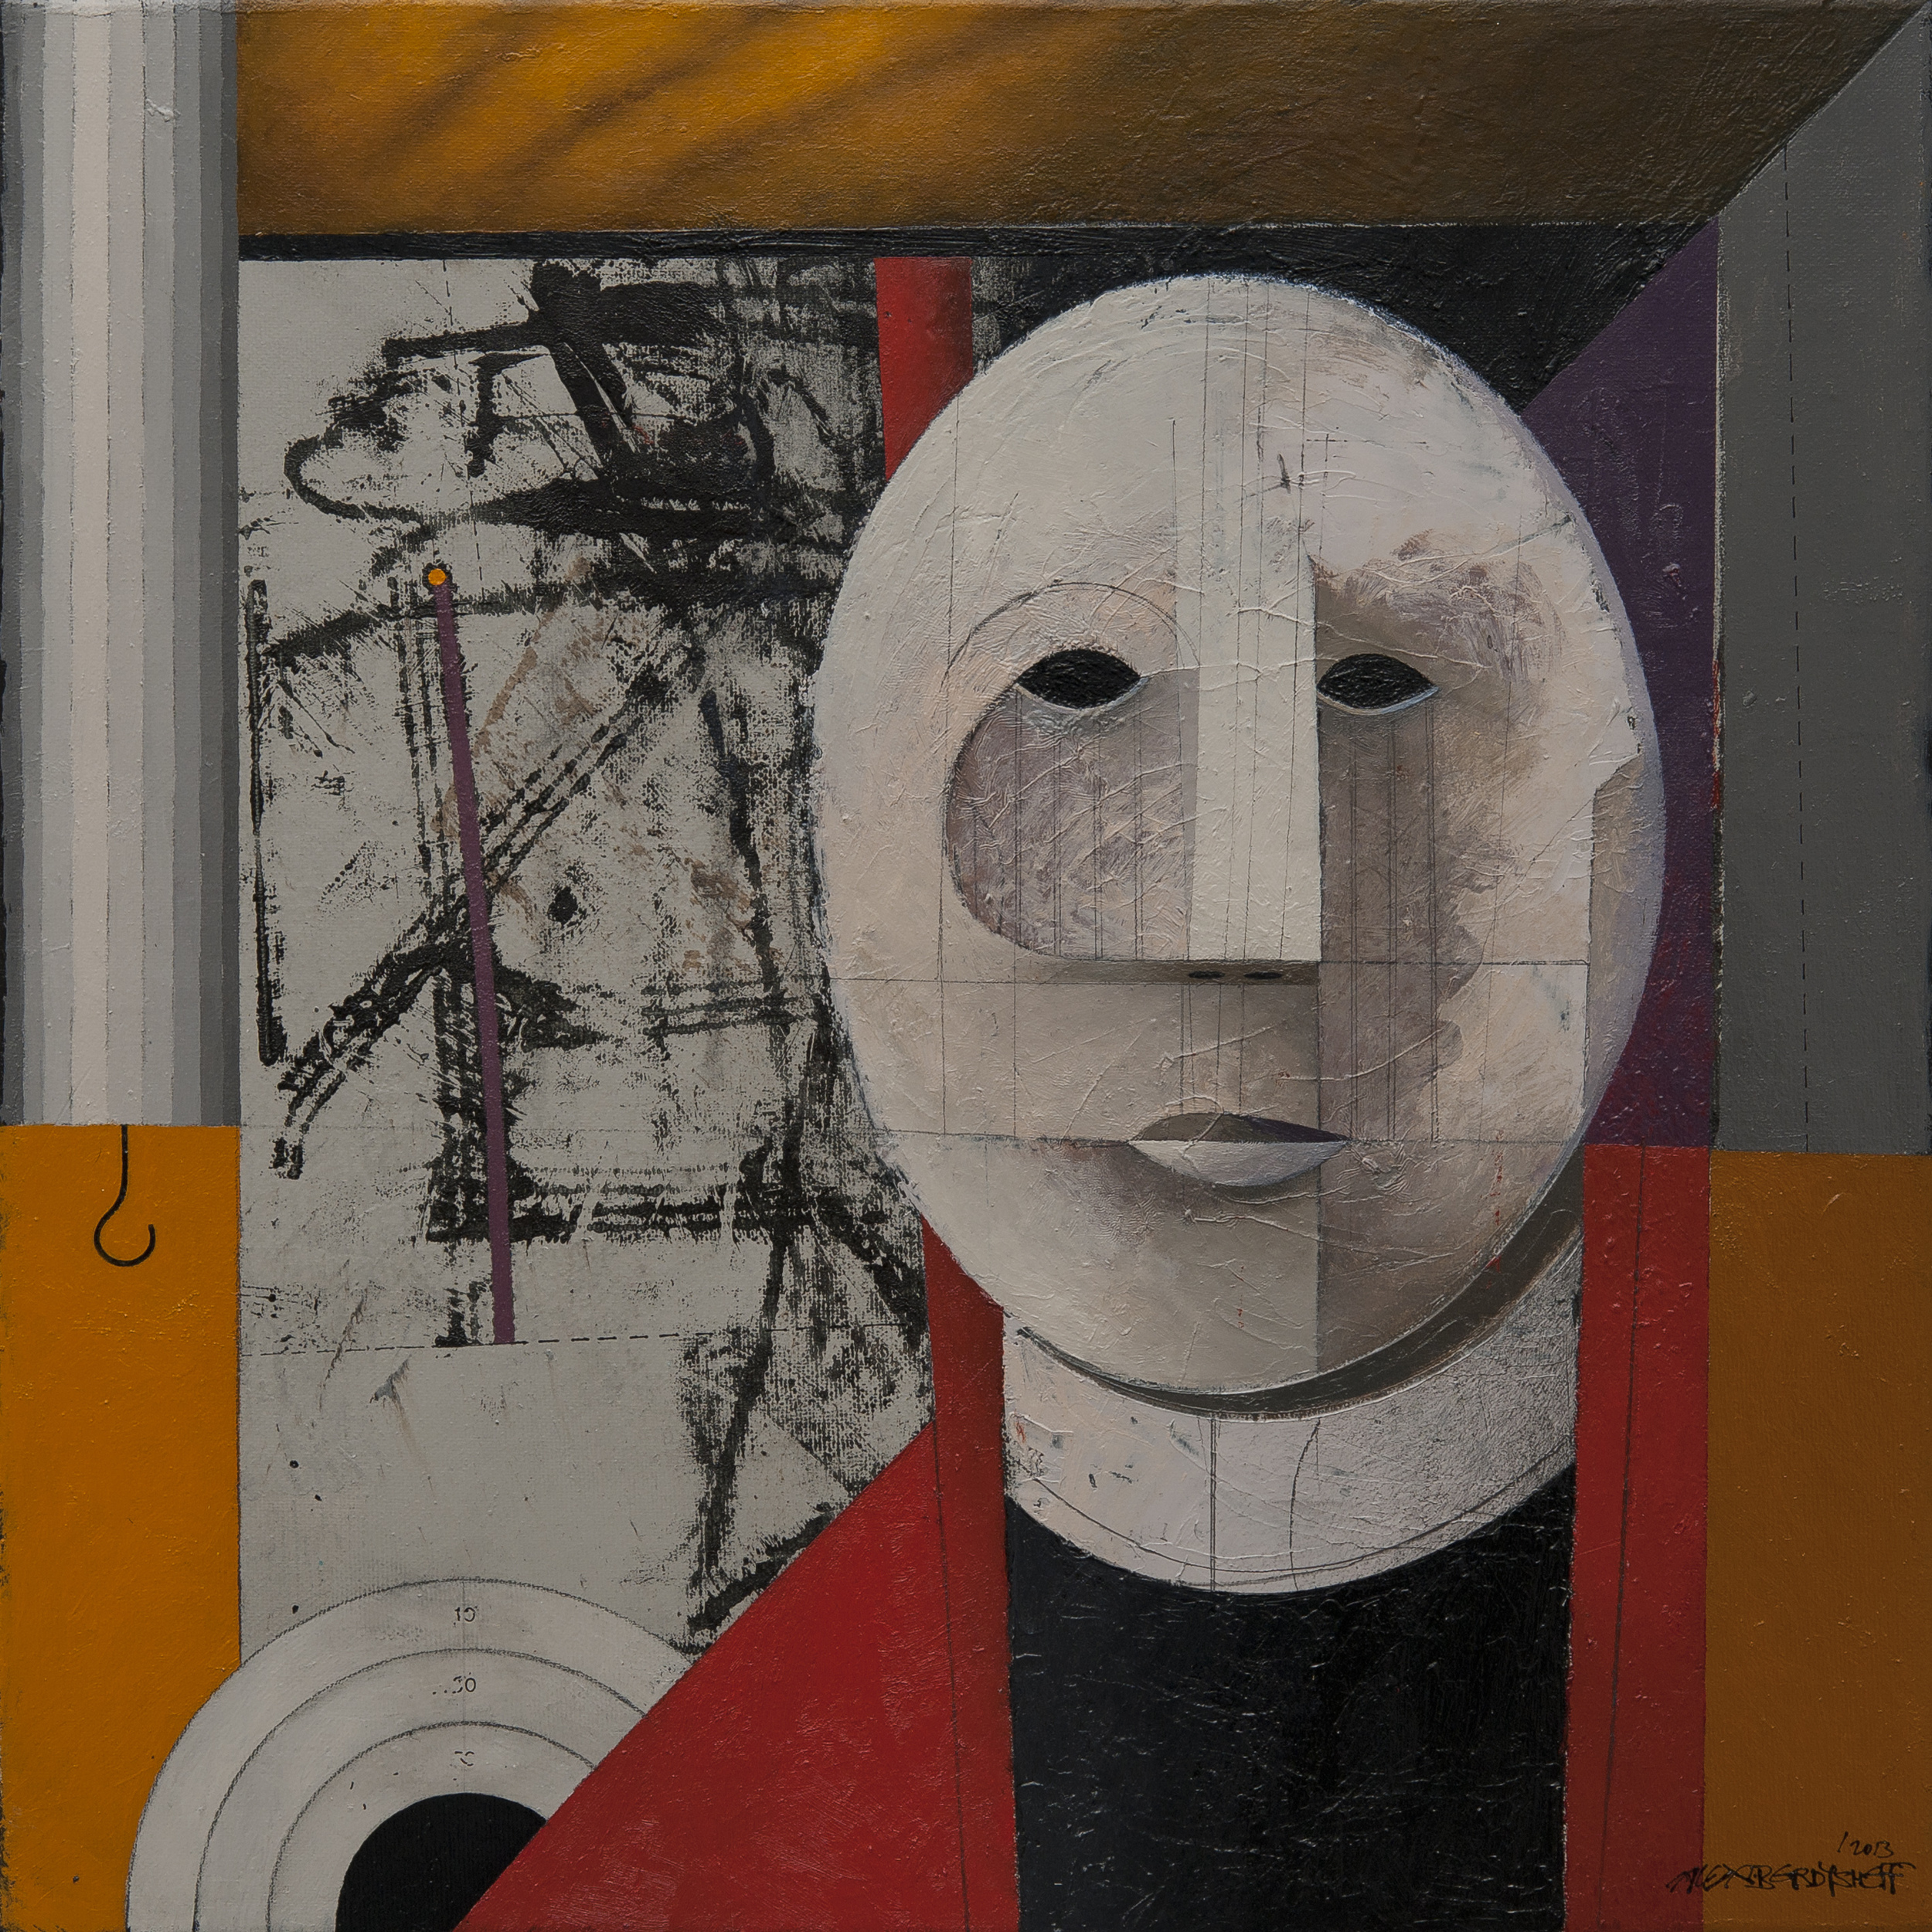 Watcher, oil on canvas, 46x46 cm, 2013